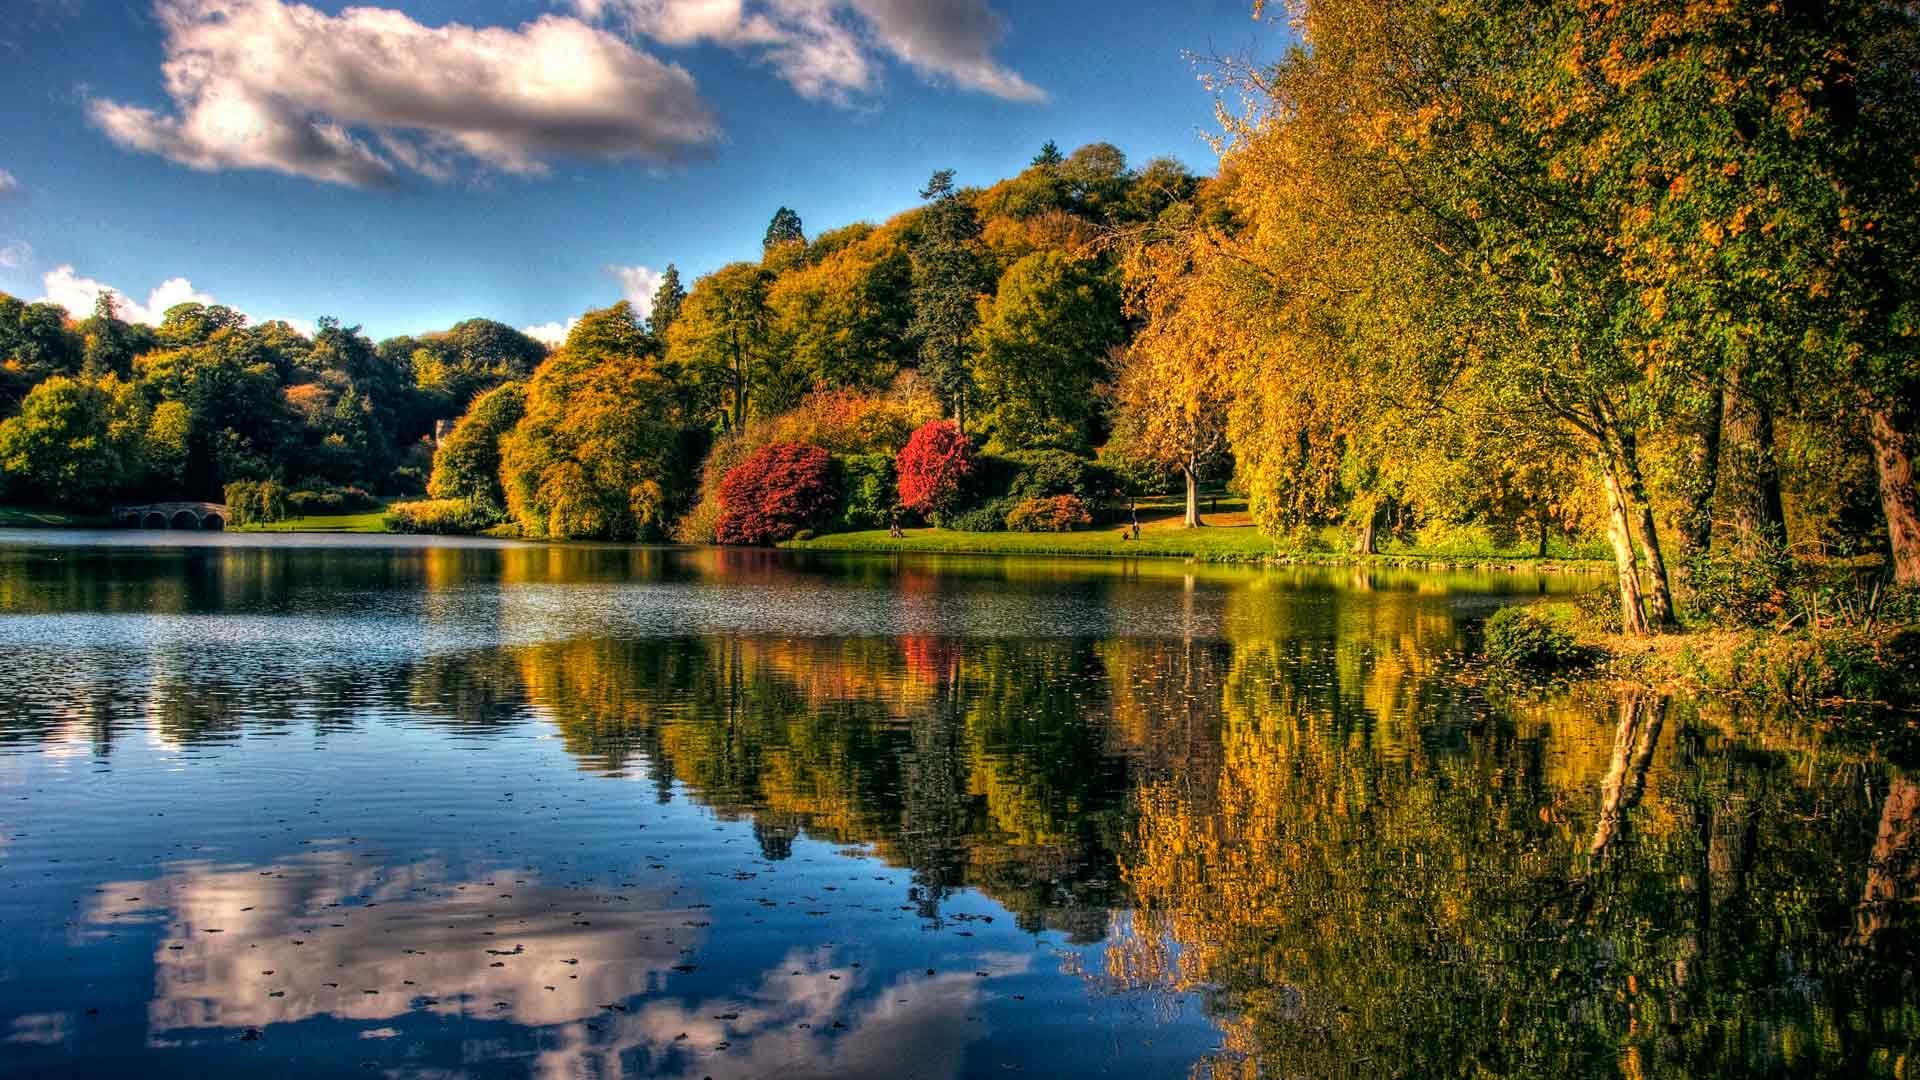 Осень в парке обои для рабочего стола006